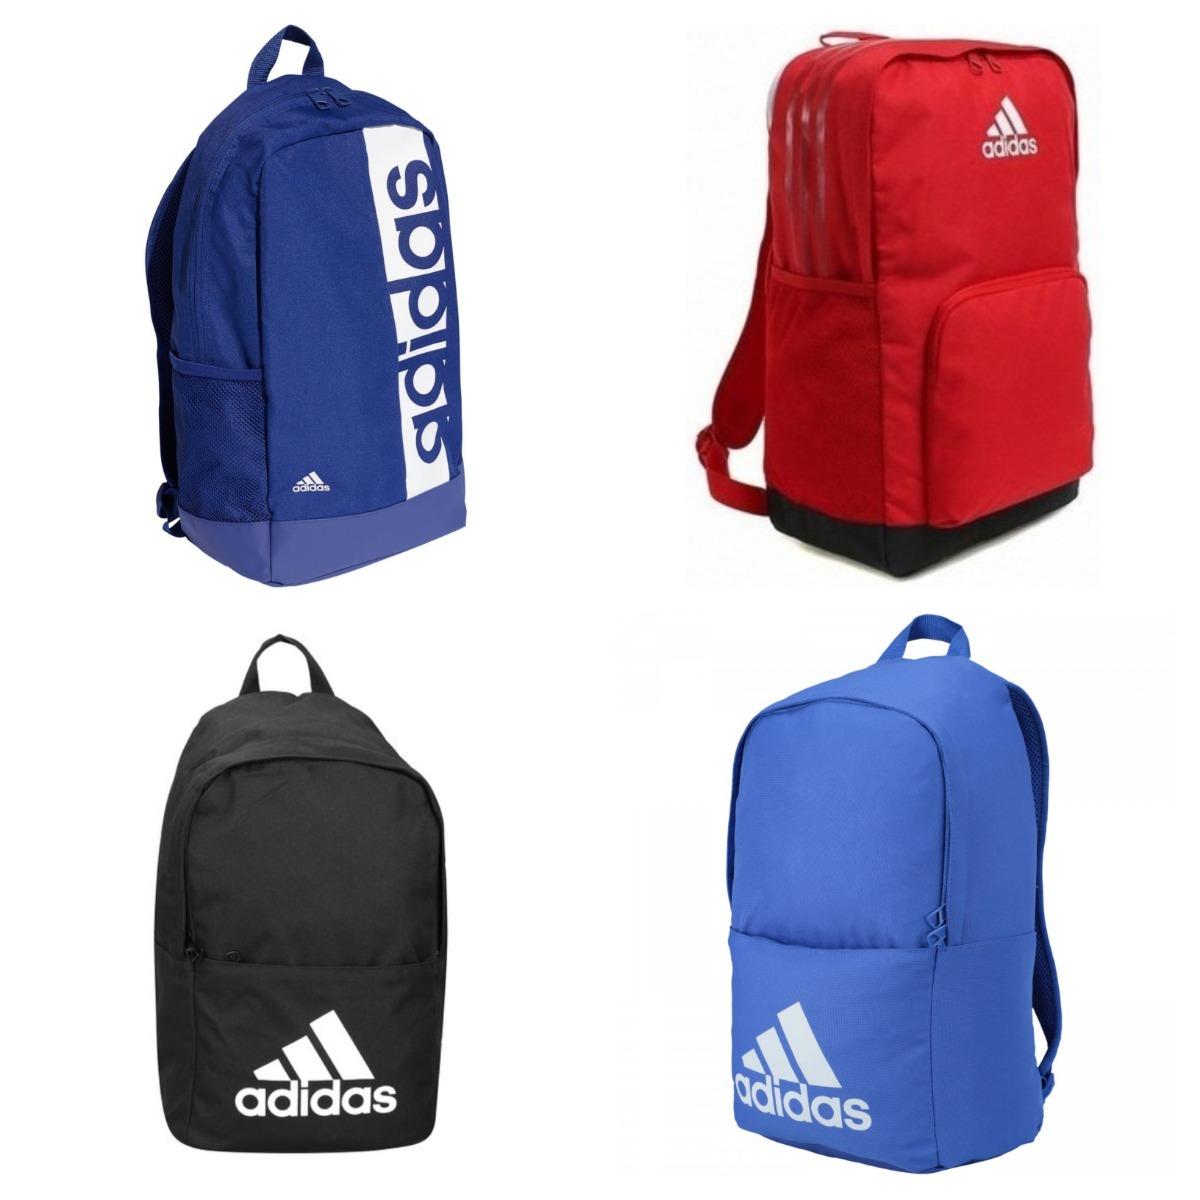 d02f9e174c4ef como saber si una mochila adidas es original baratas - Descuentos de ...